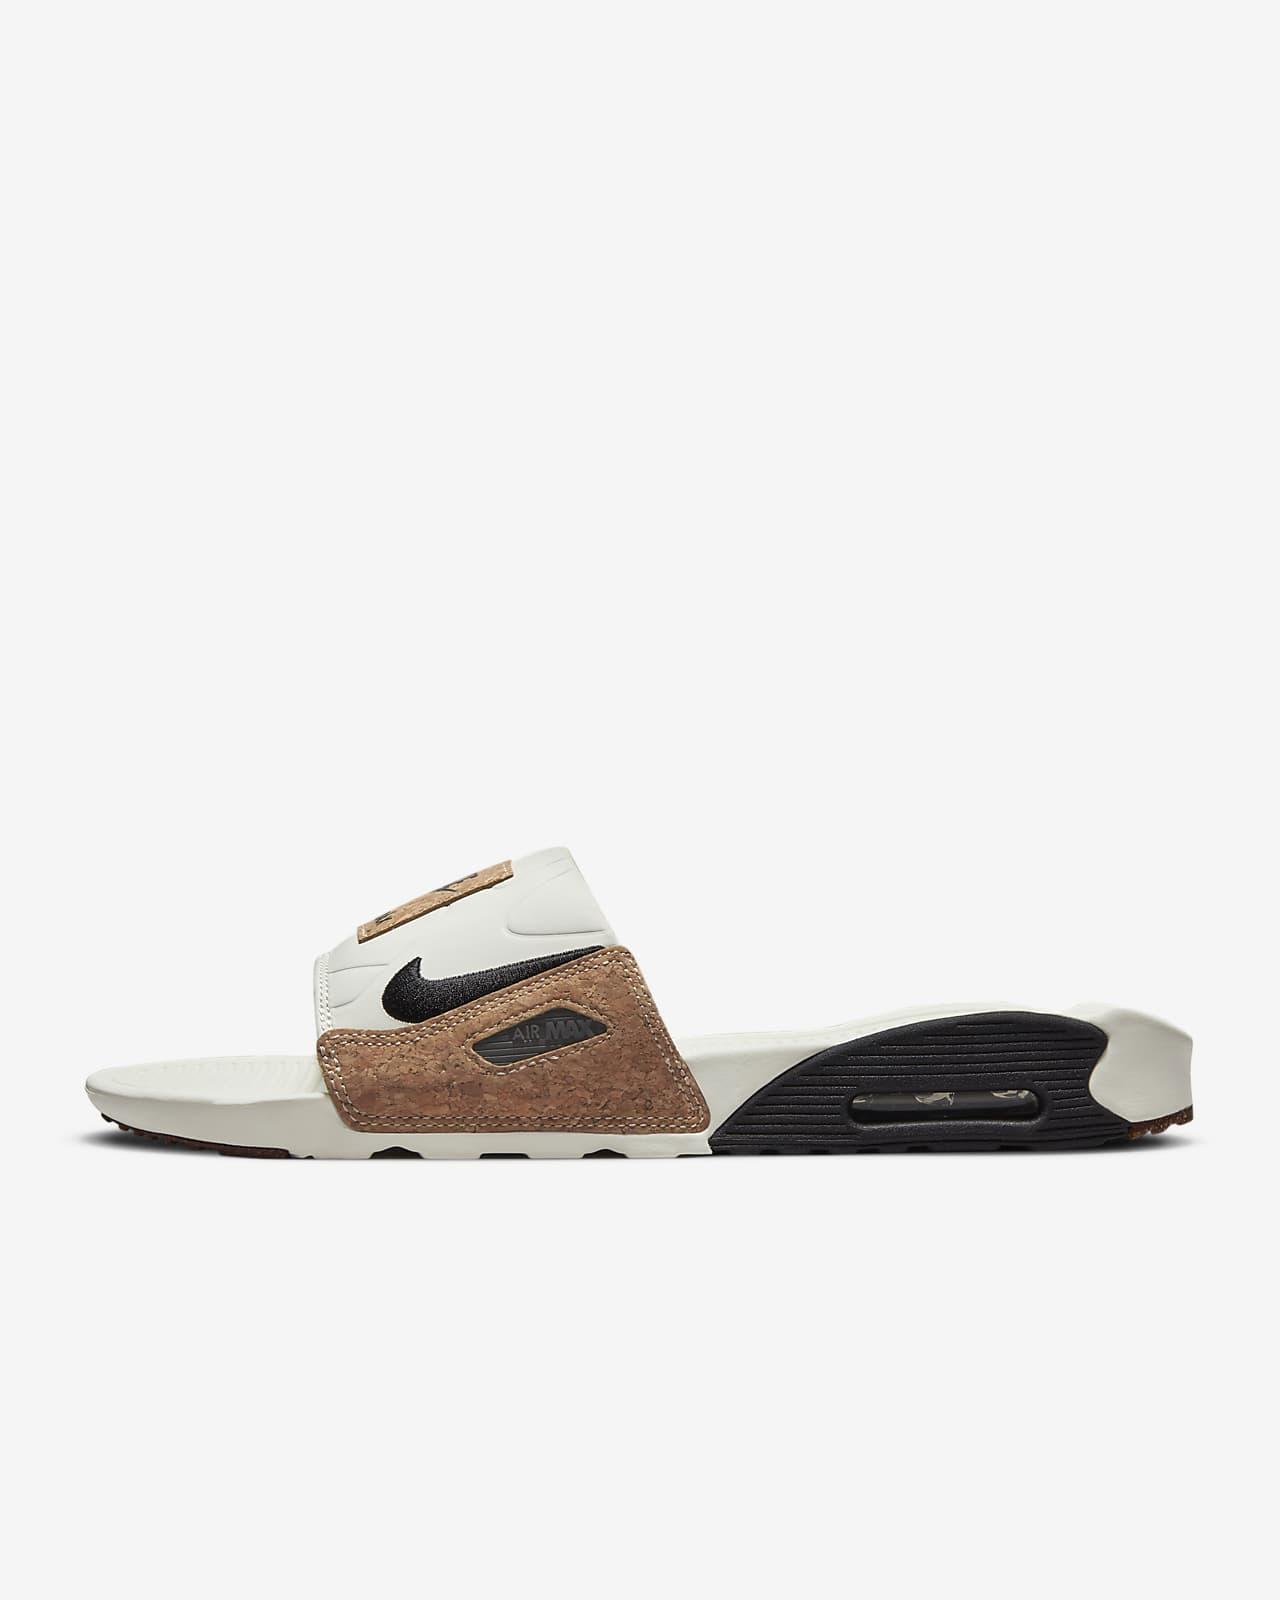 Nike Air Max 90 Slides